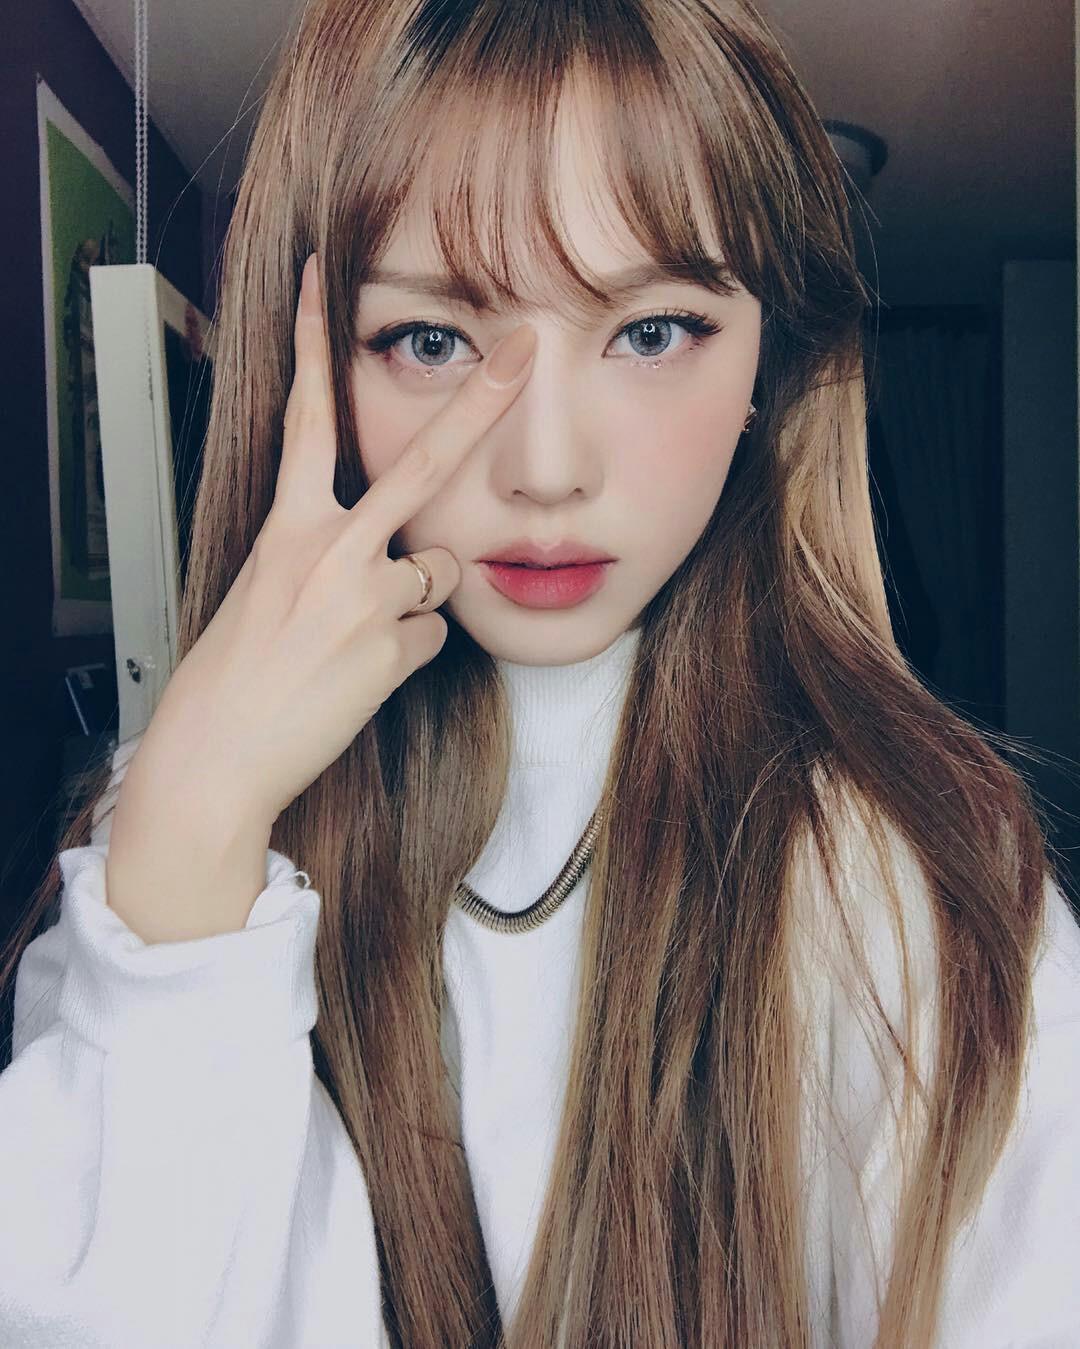 Korean makeup artist 5 facts about pony makeup effect 5 facts about pony makeup baditri Images